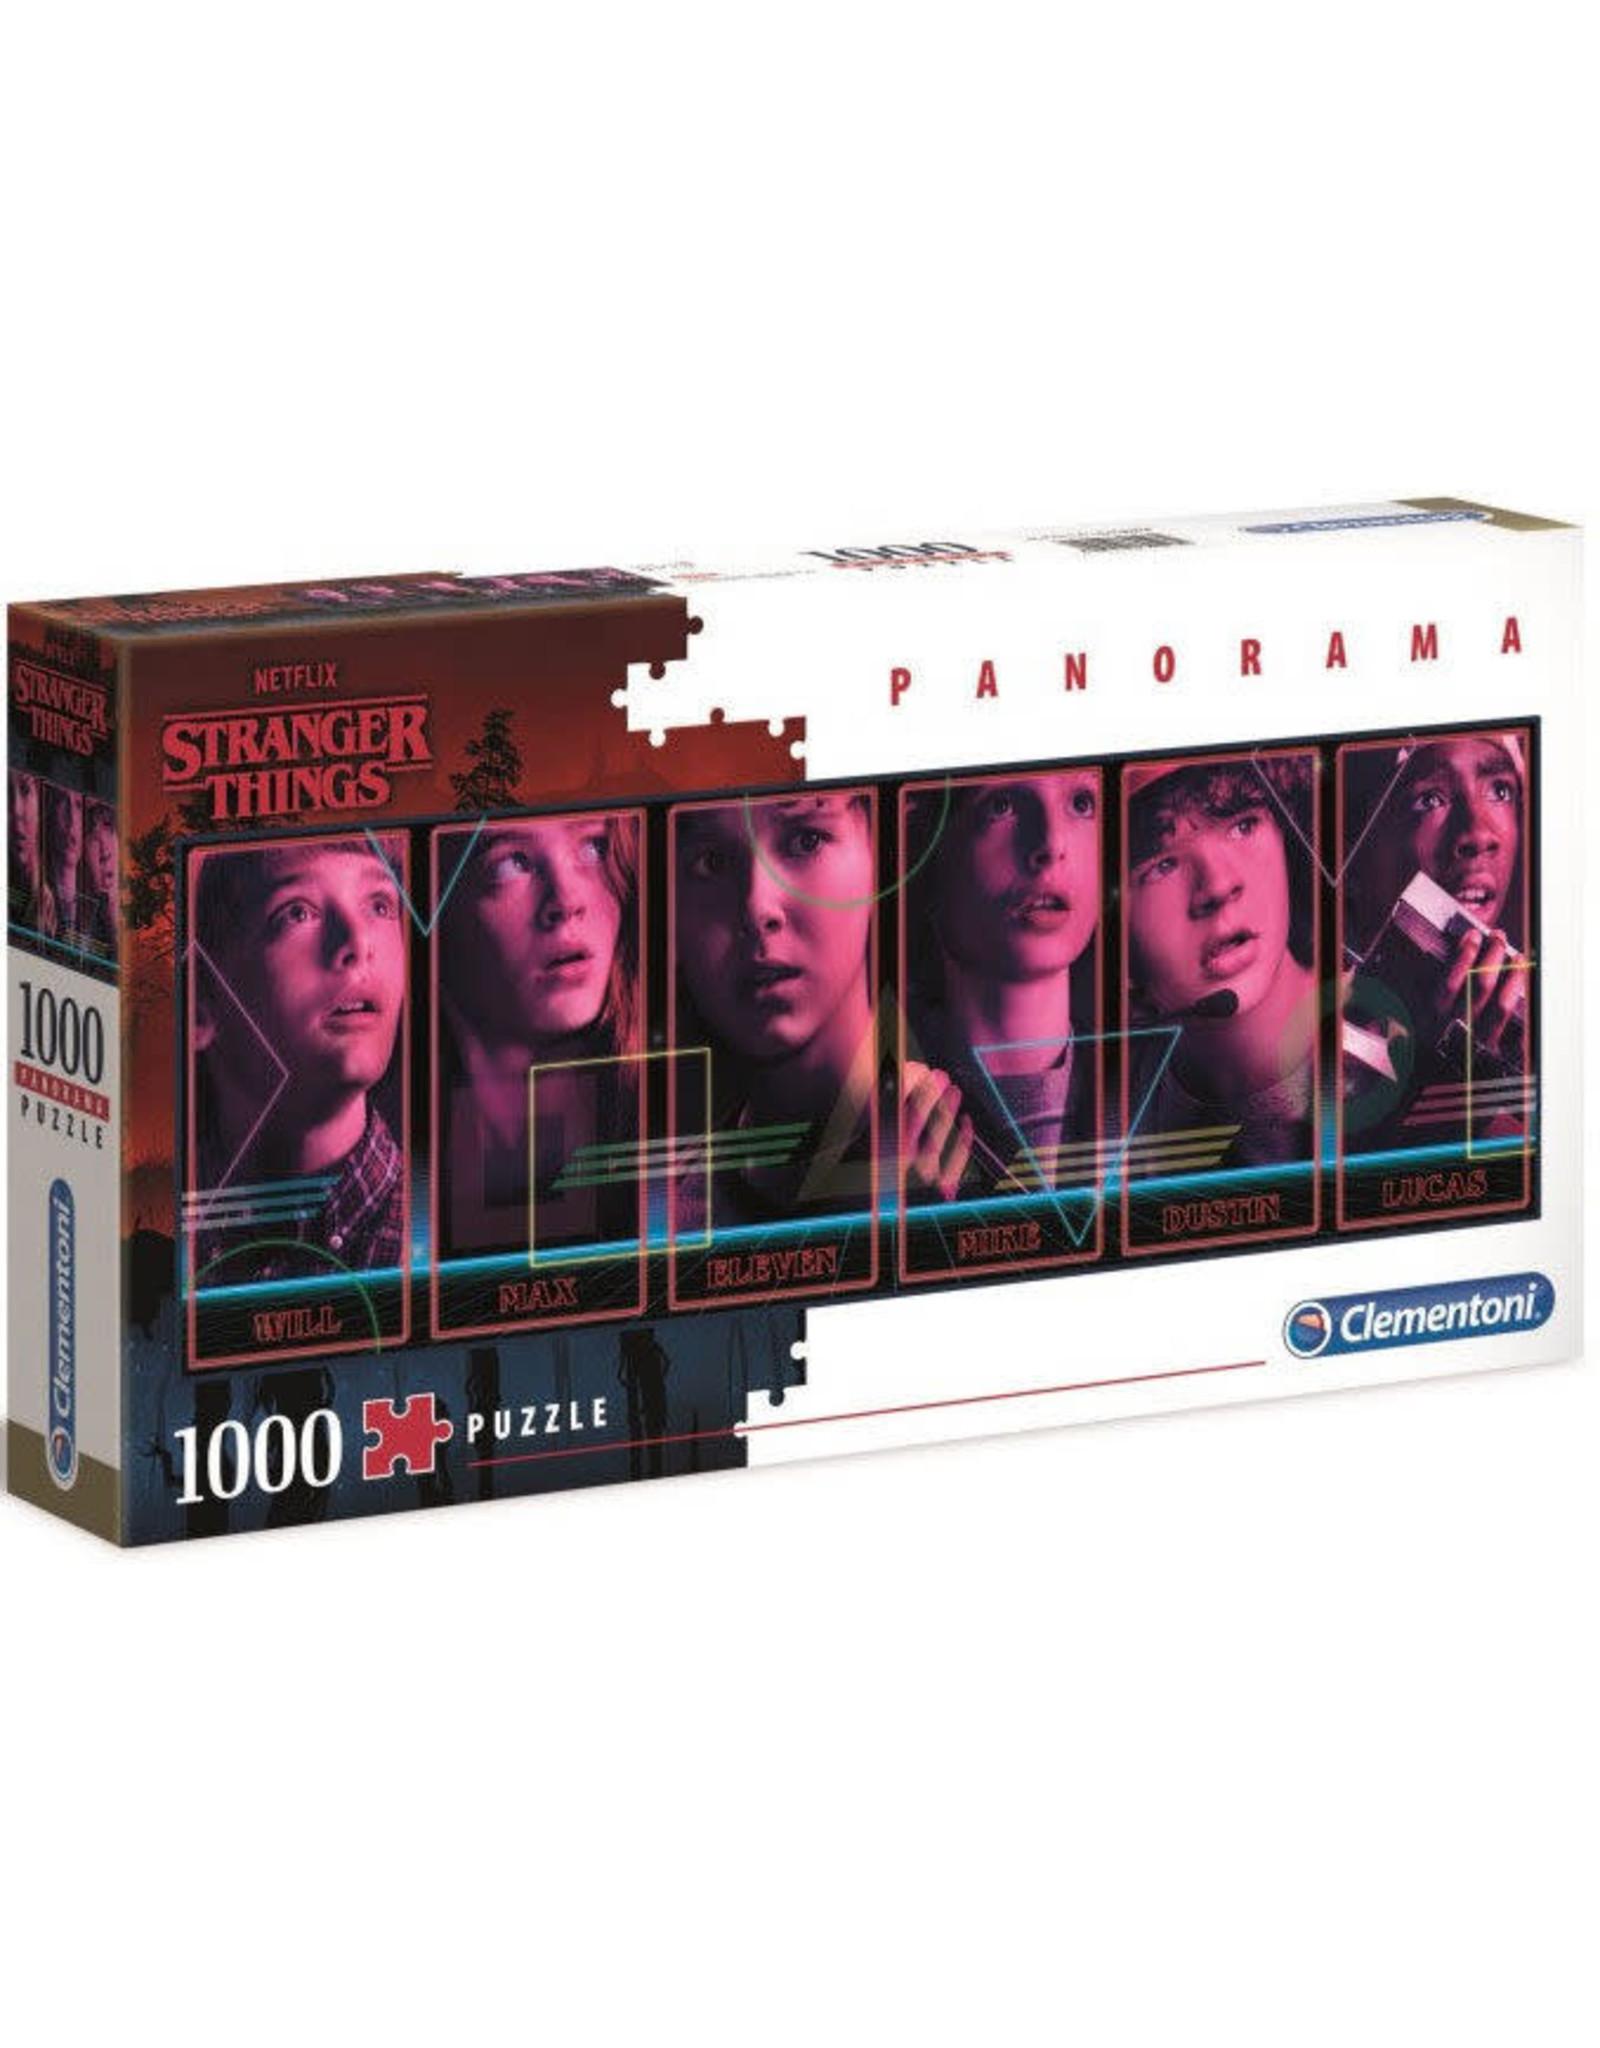 Clementoni STRANGER THINGS Panorama Puzzle 1000P